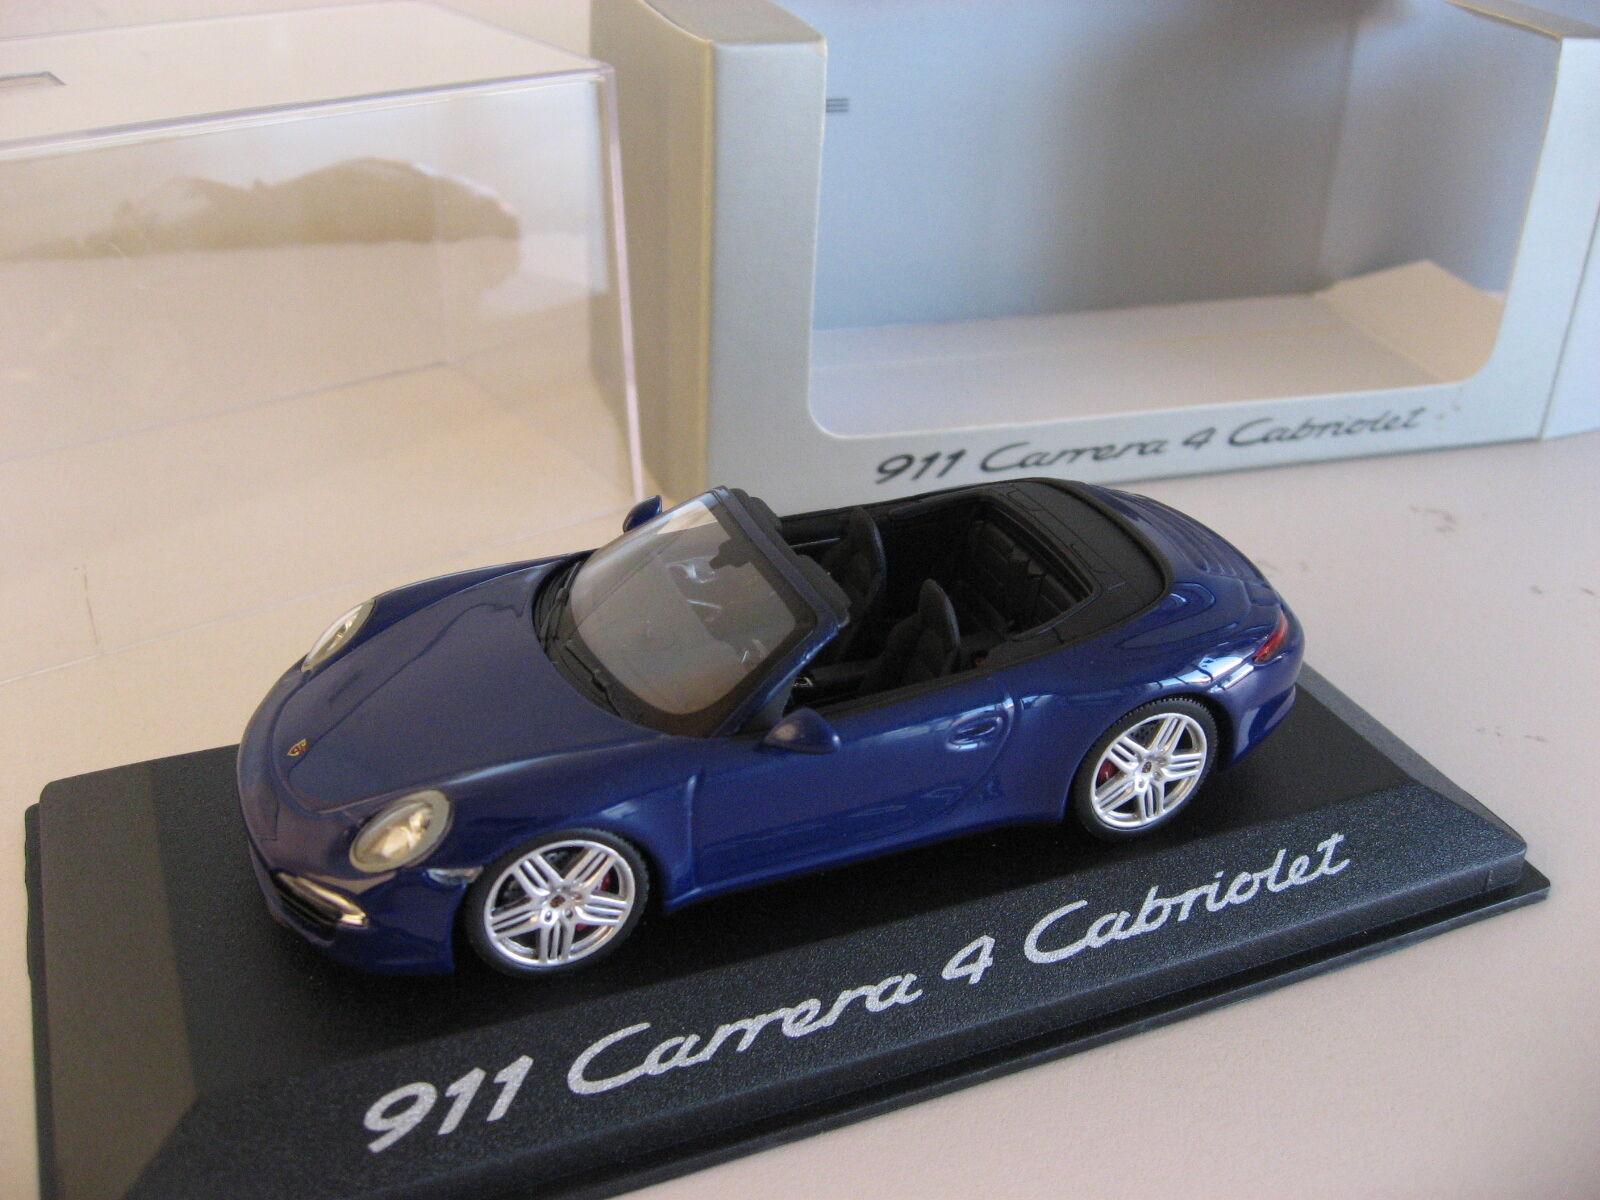 911 911 911 Converdeible Carrera 4 Porsche 991 Cabriolet Dealer Item Model by Minichamps 2ad4bd